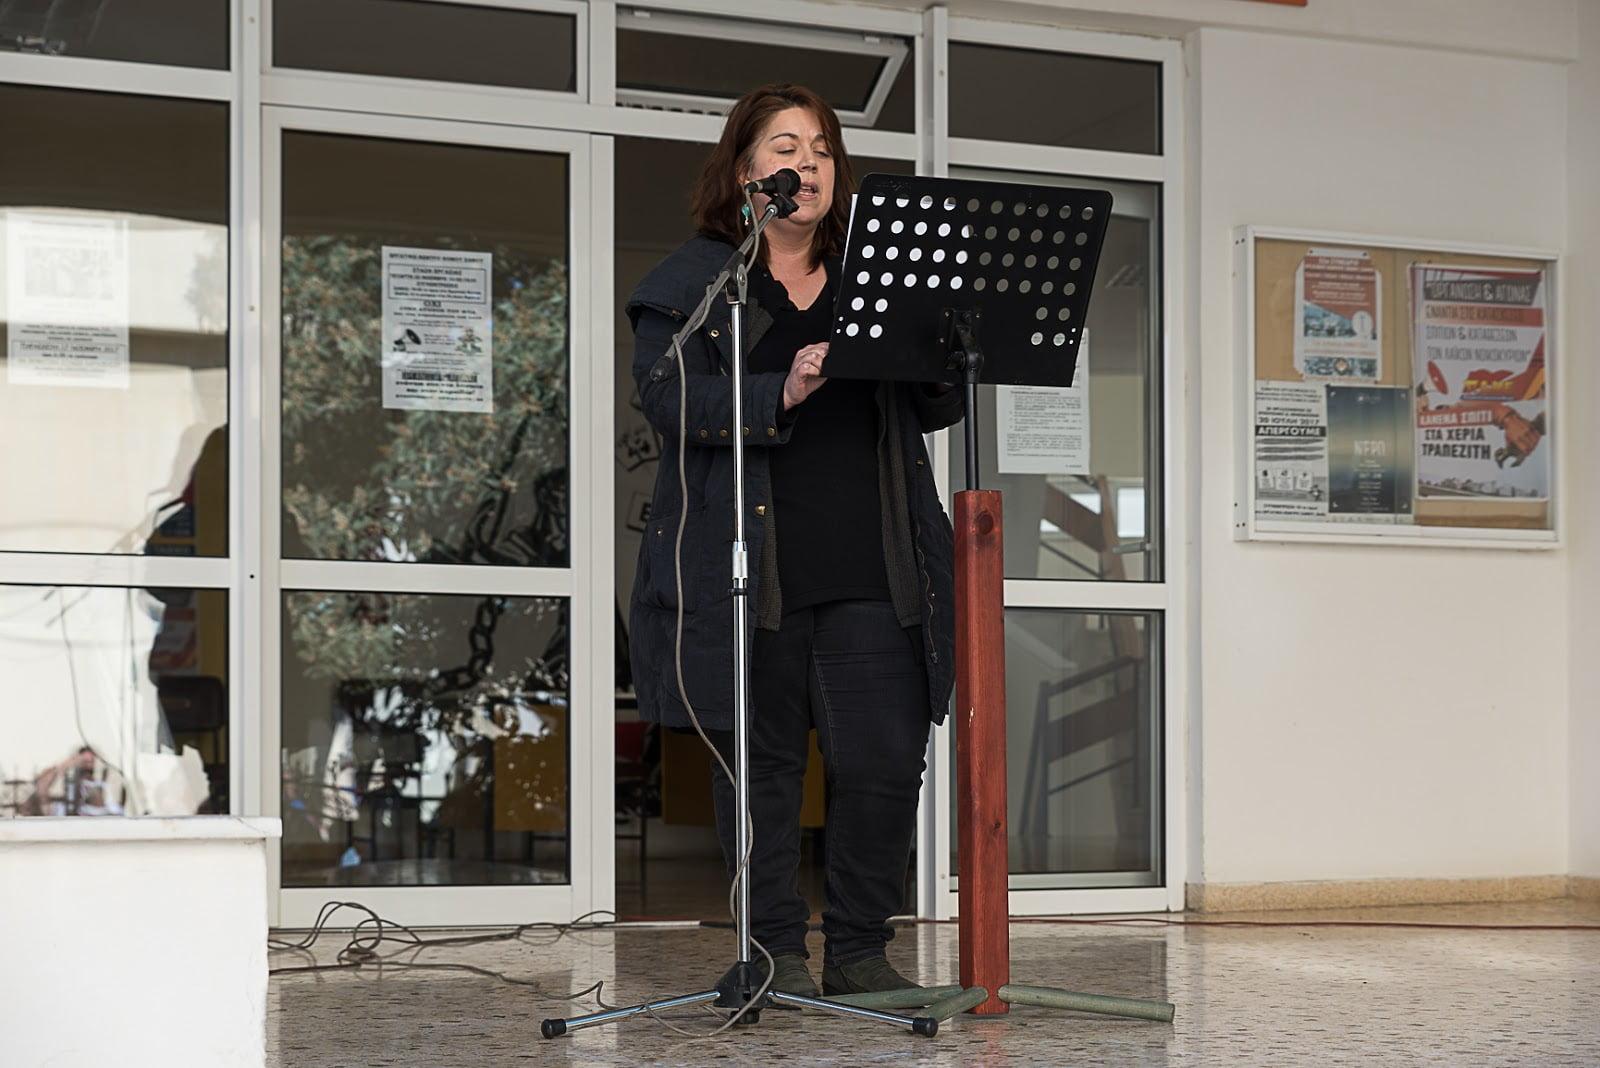 Βάσω Βρυνιώτη: Στις 26 Νοεμβρίου και στη Σάμο απεργούμε για τα δικαιώματά μας στη δουλειά και στη ζωή!